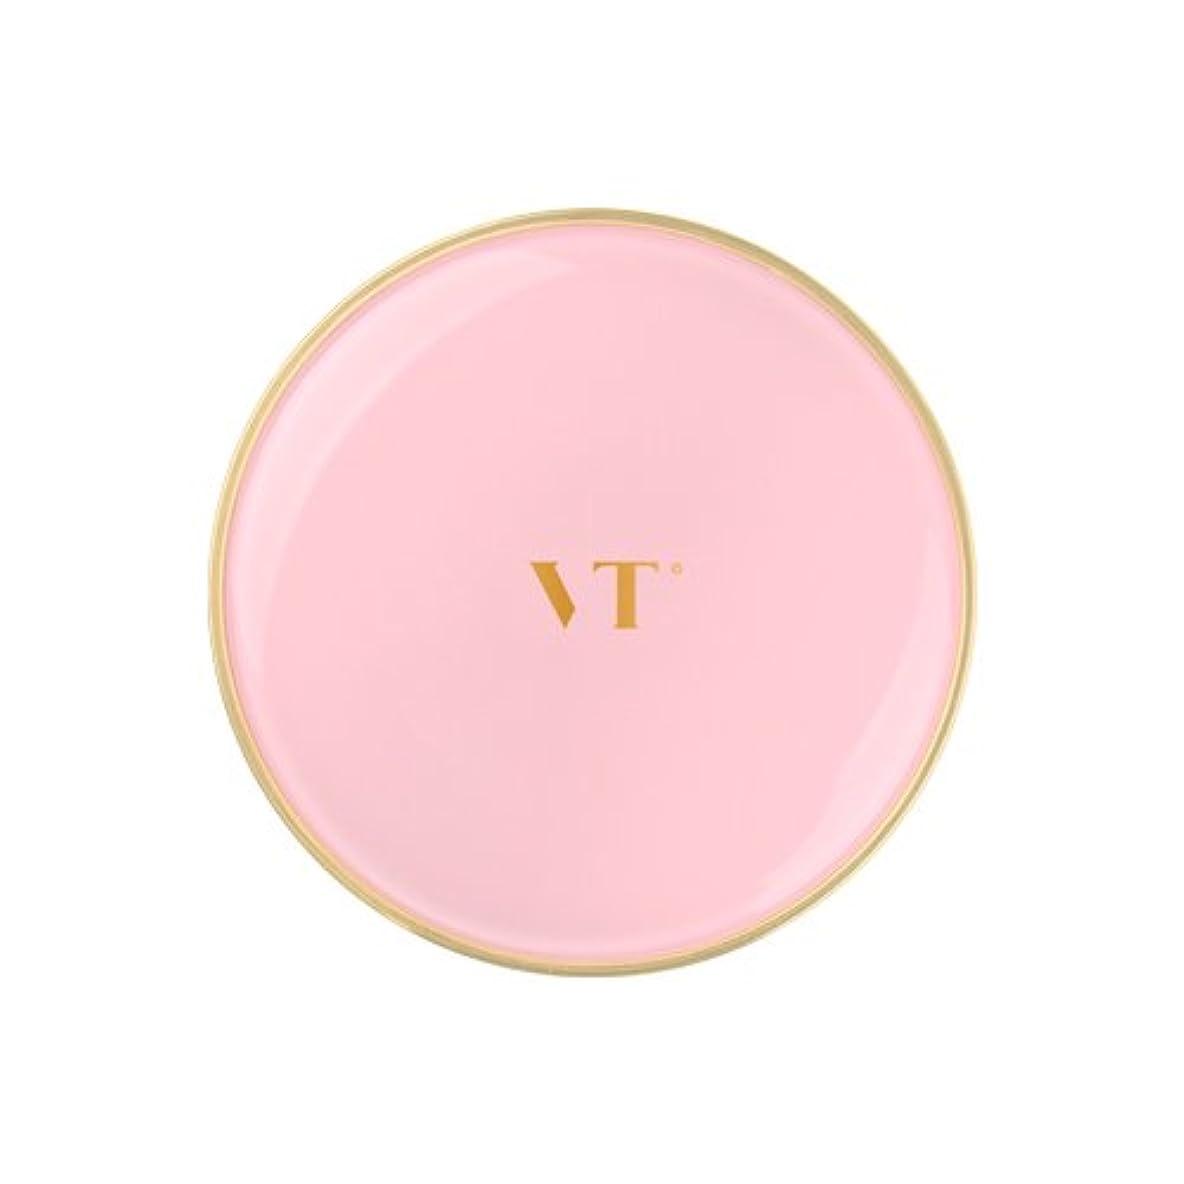 球体約束する約束するVT Collagen Pact 11g/ブイティー コラーゲン パクト 11g (#21) [並行輸入品]